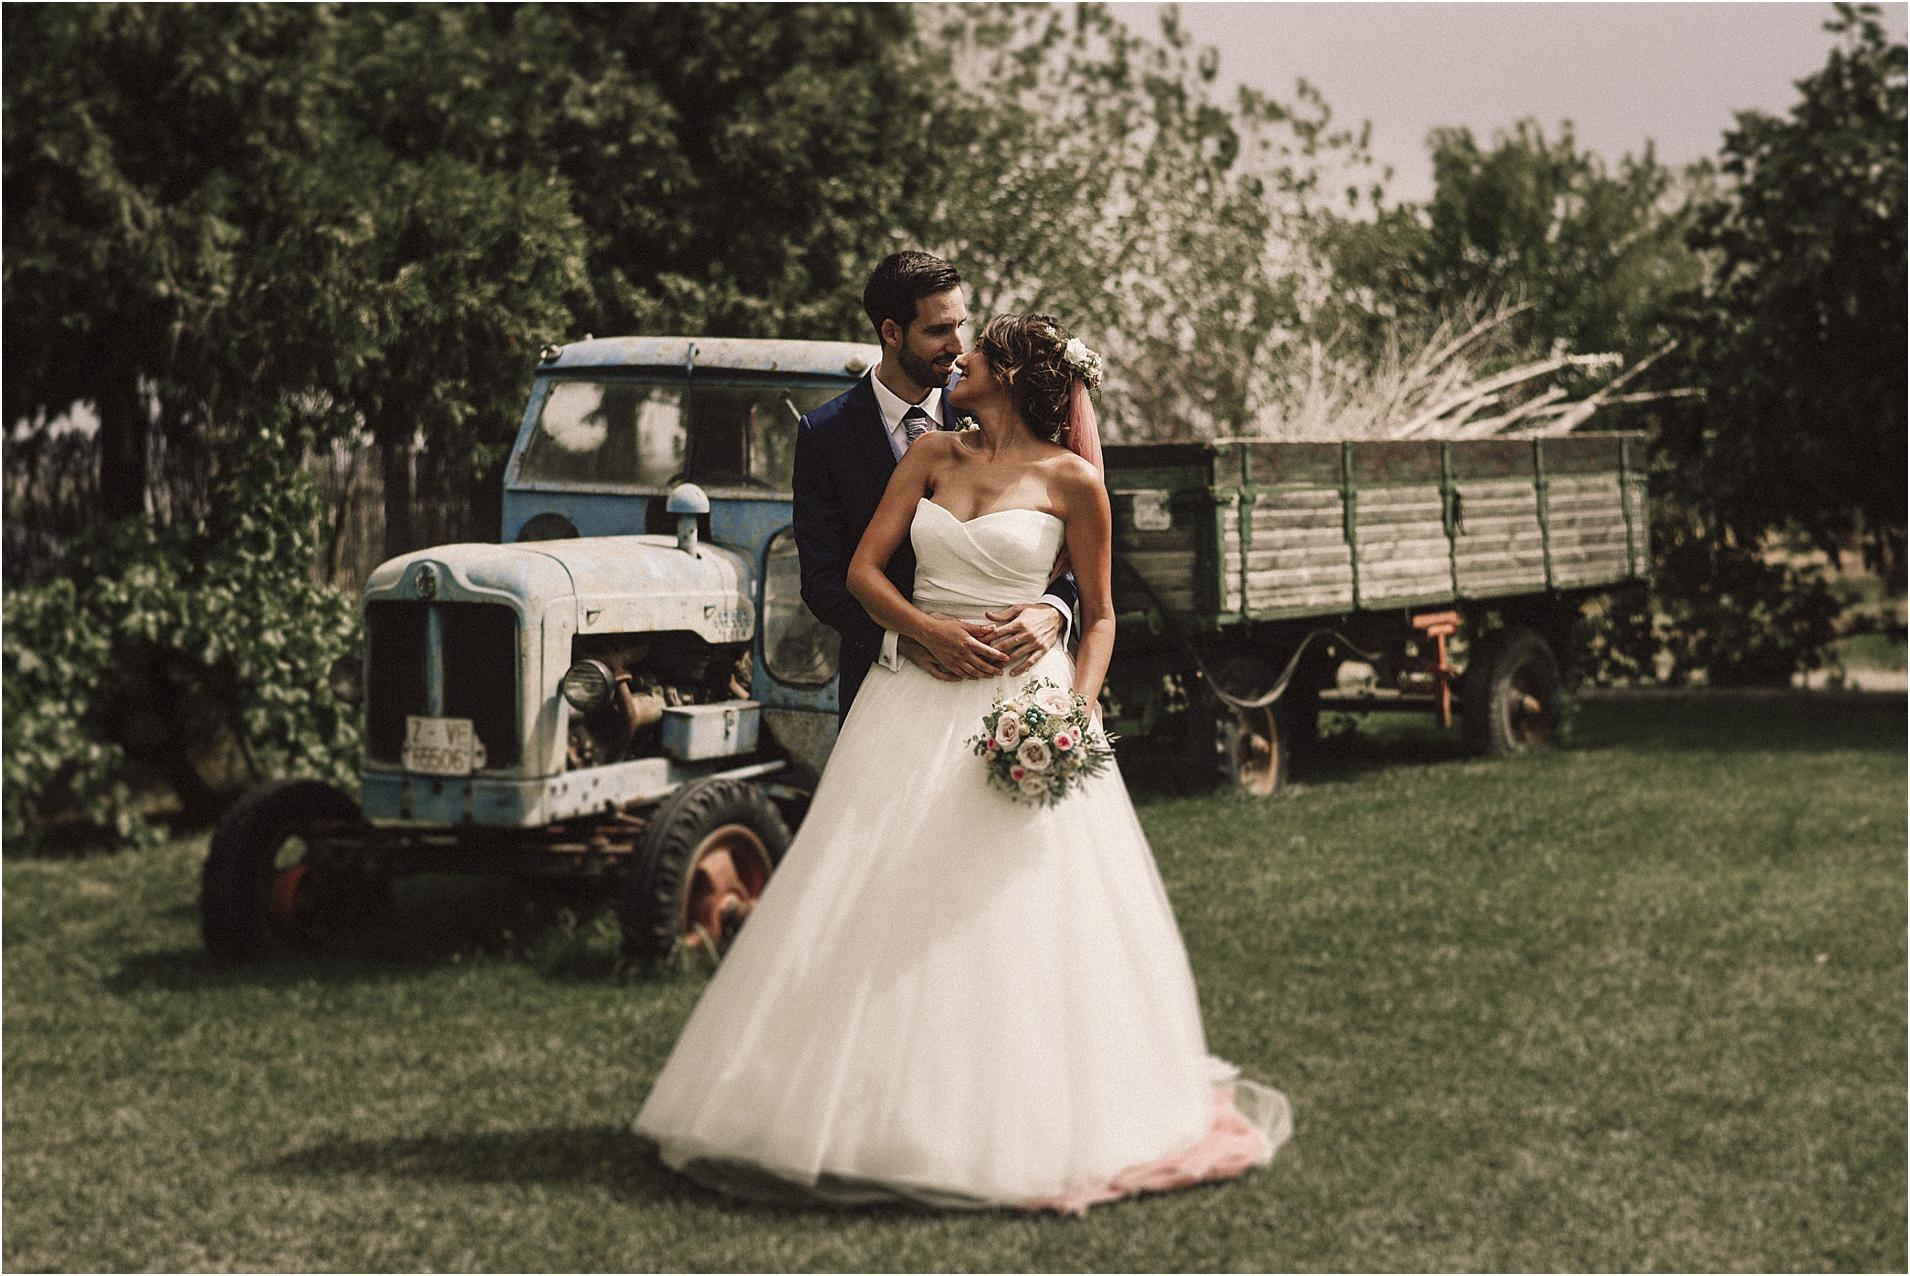 Fotografos-de-boda-donostia-zaragoza-san-sebastian-destination-wedding-photographer-79.jpg